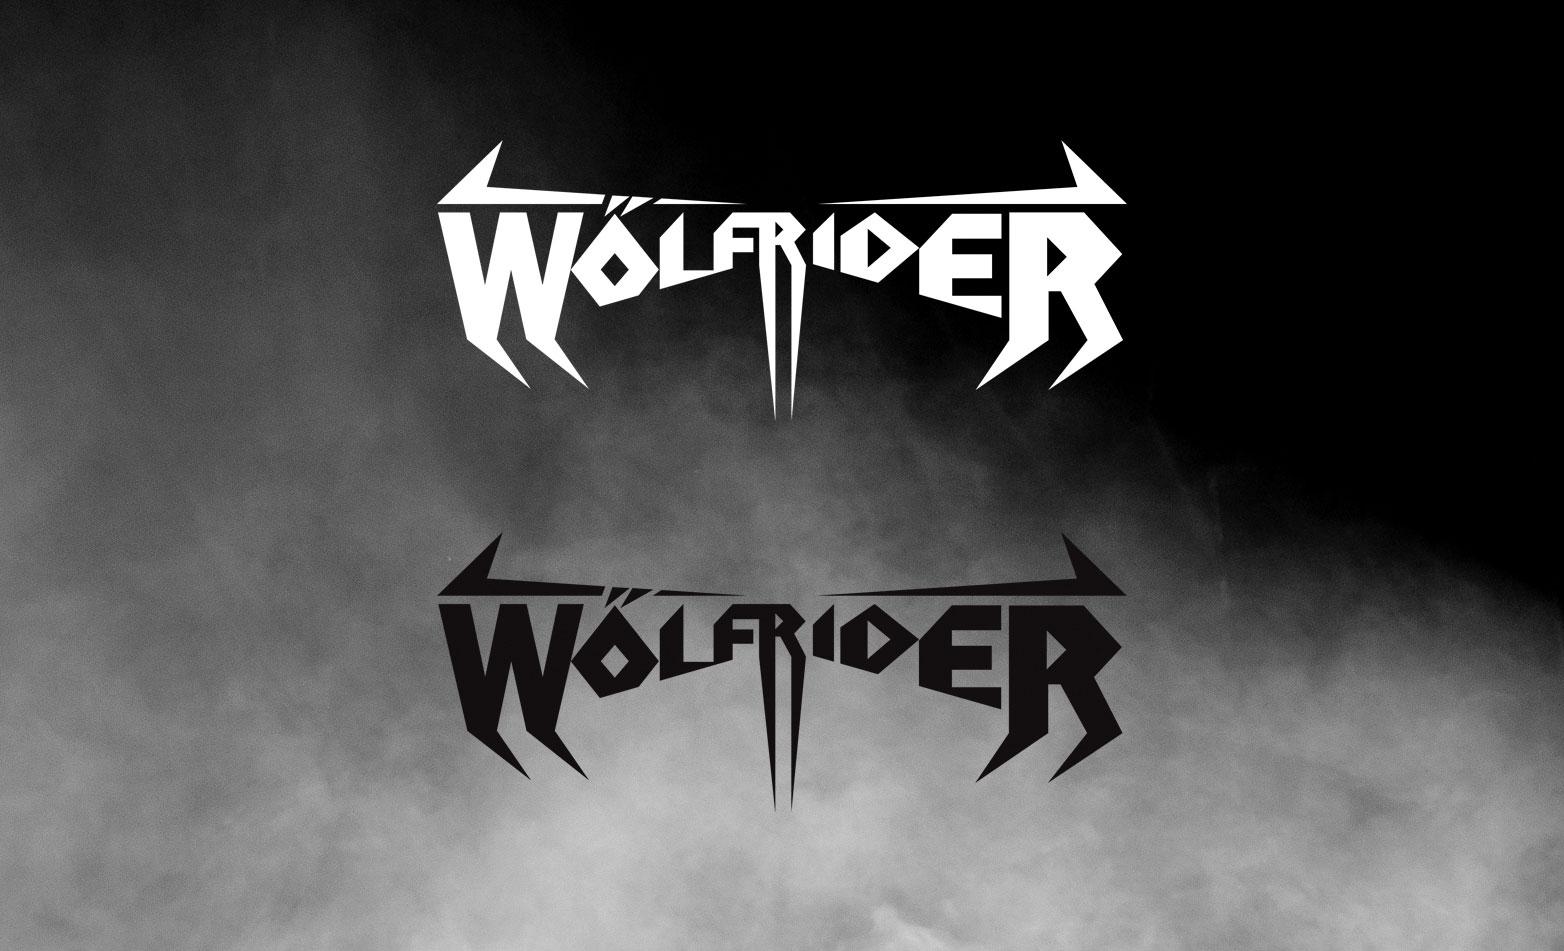 logo-wolfrider-wizualizacja-3-logotyp-2014